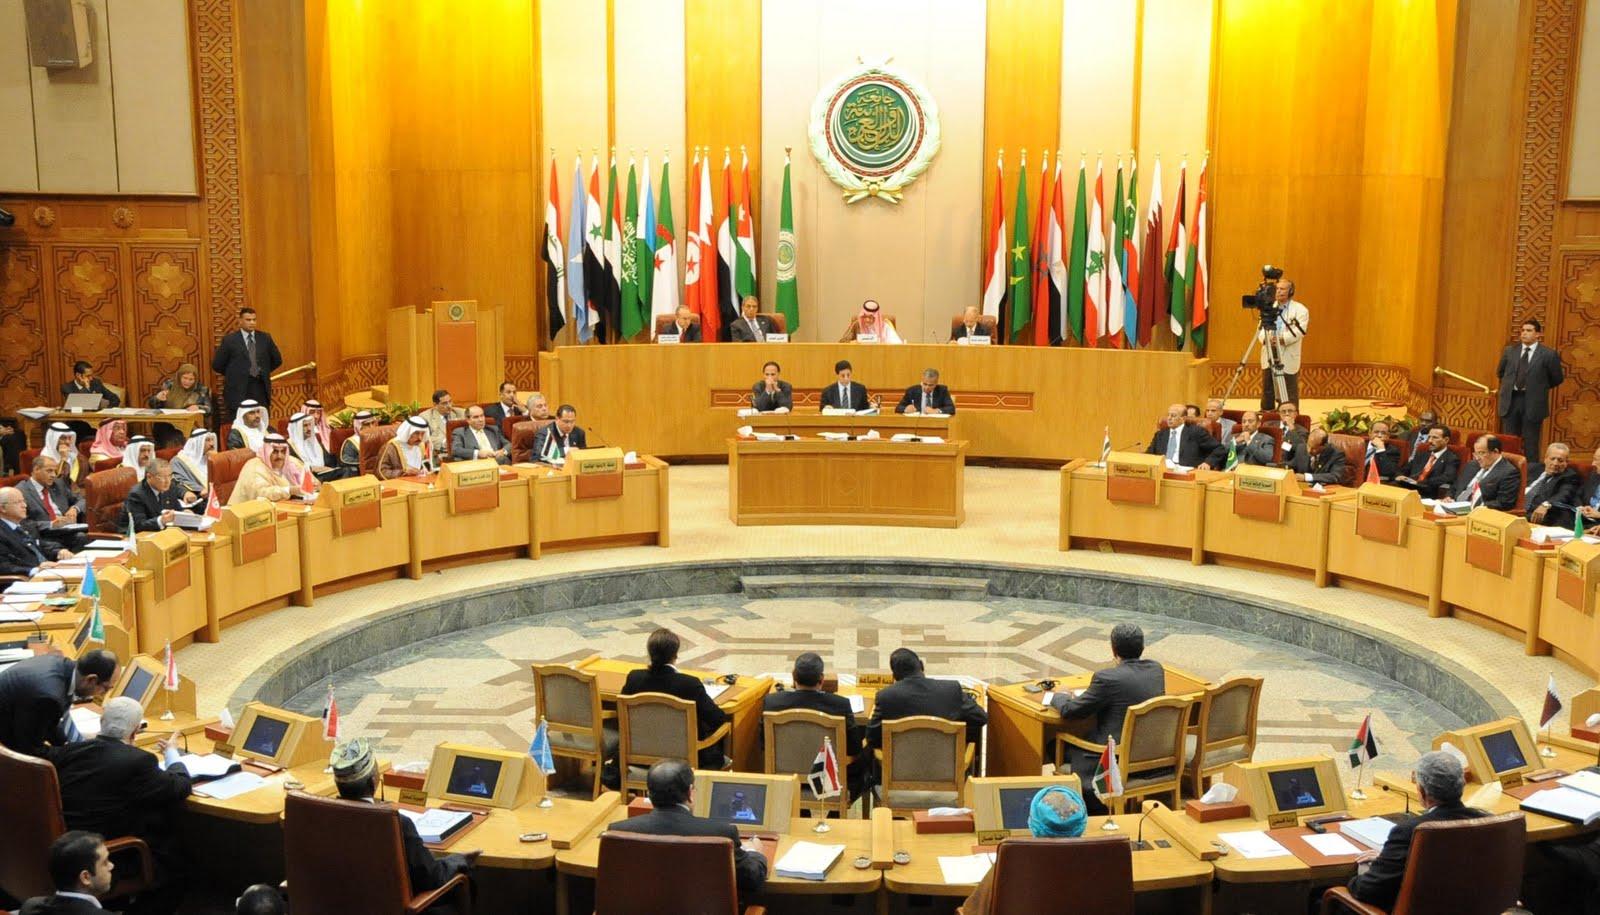 الأردن يستضيف القمة العربية المقبلة بعد اعتذار اليمن